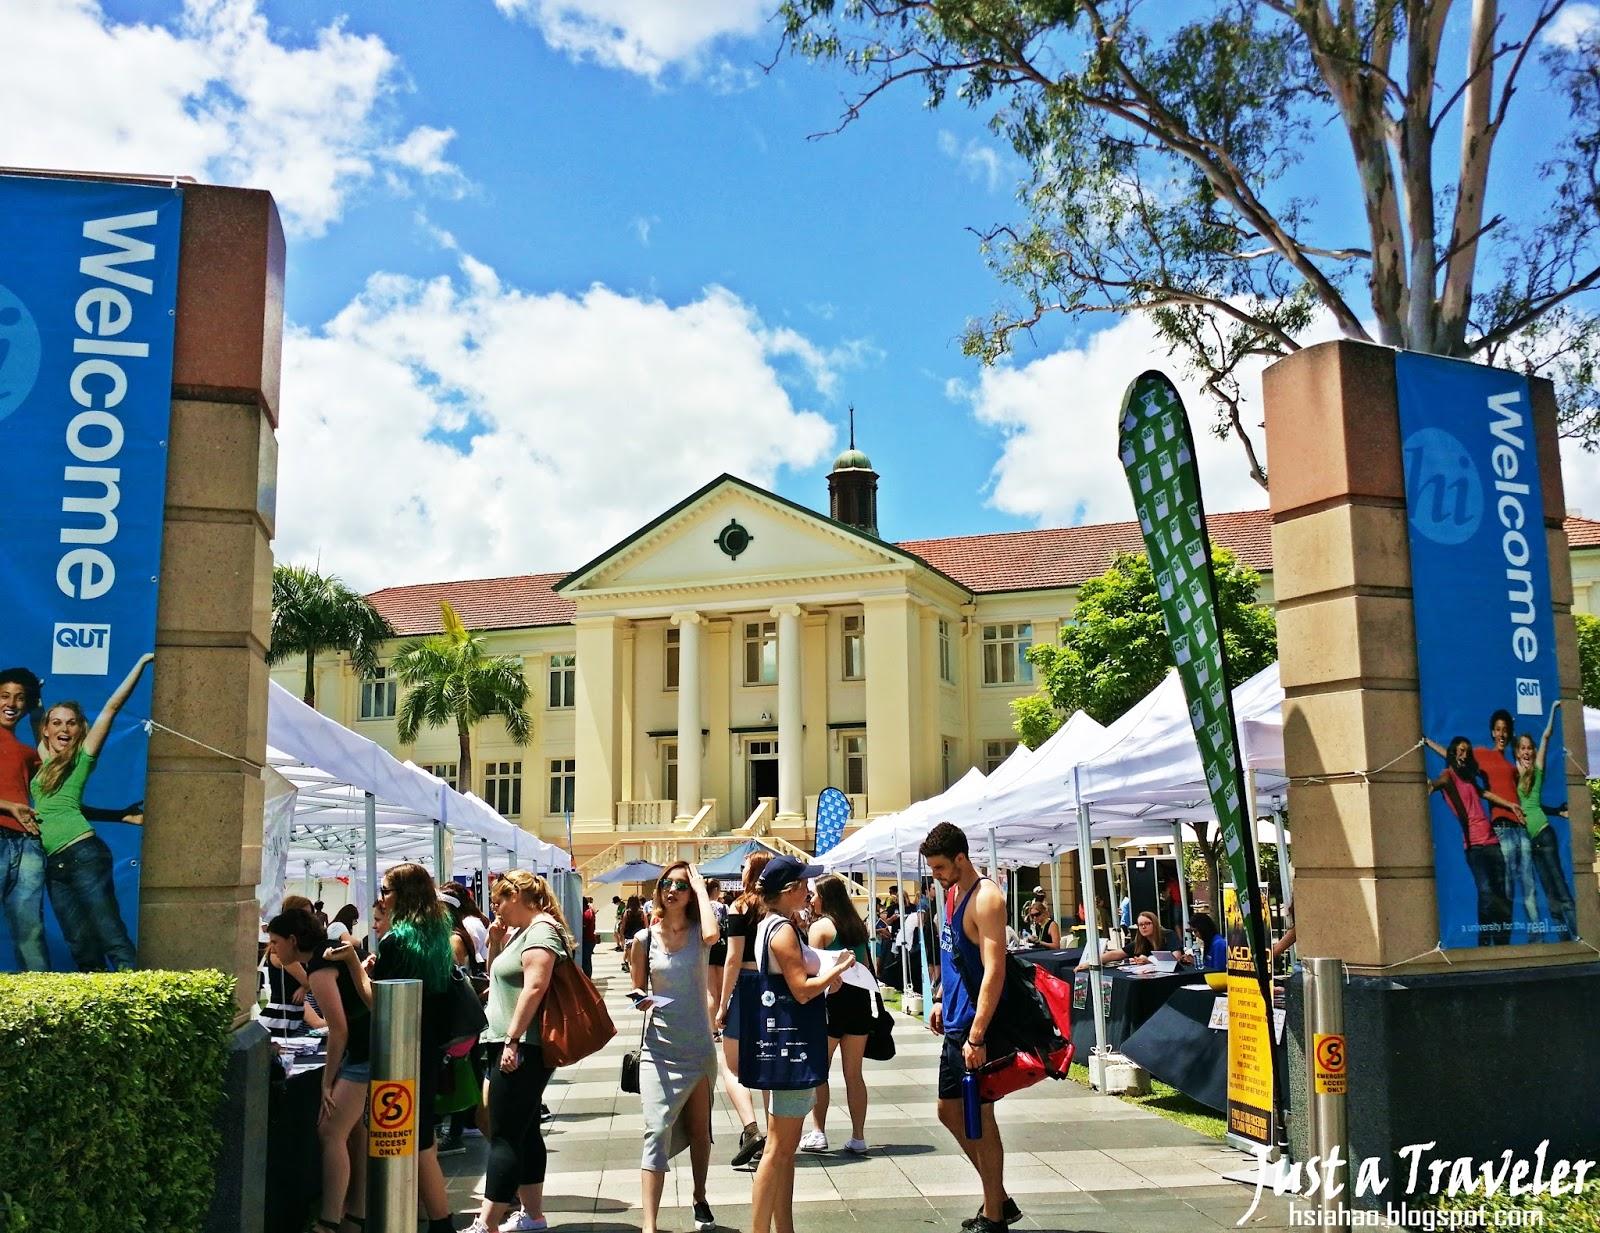 澳洲-布里斯本-留學-昆士蘭科技大學-QUT-Brisbane-Study